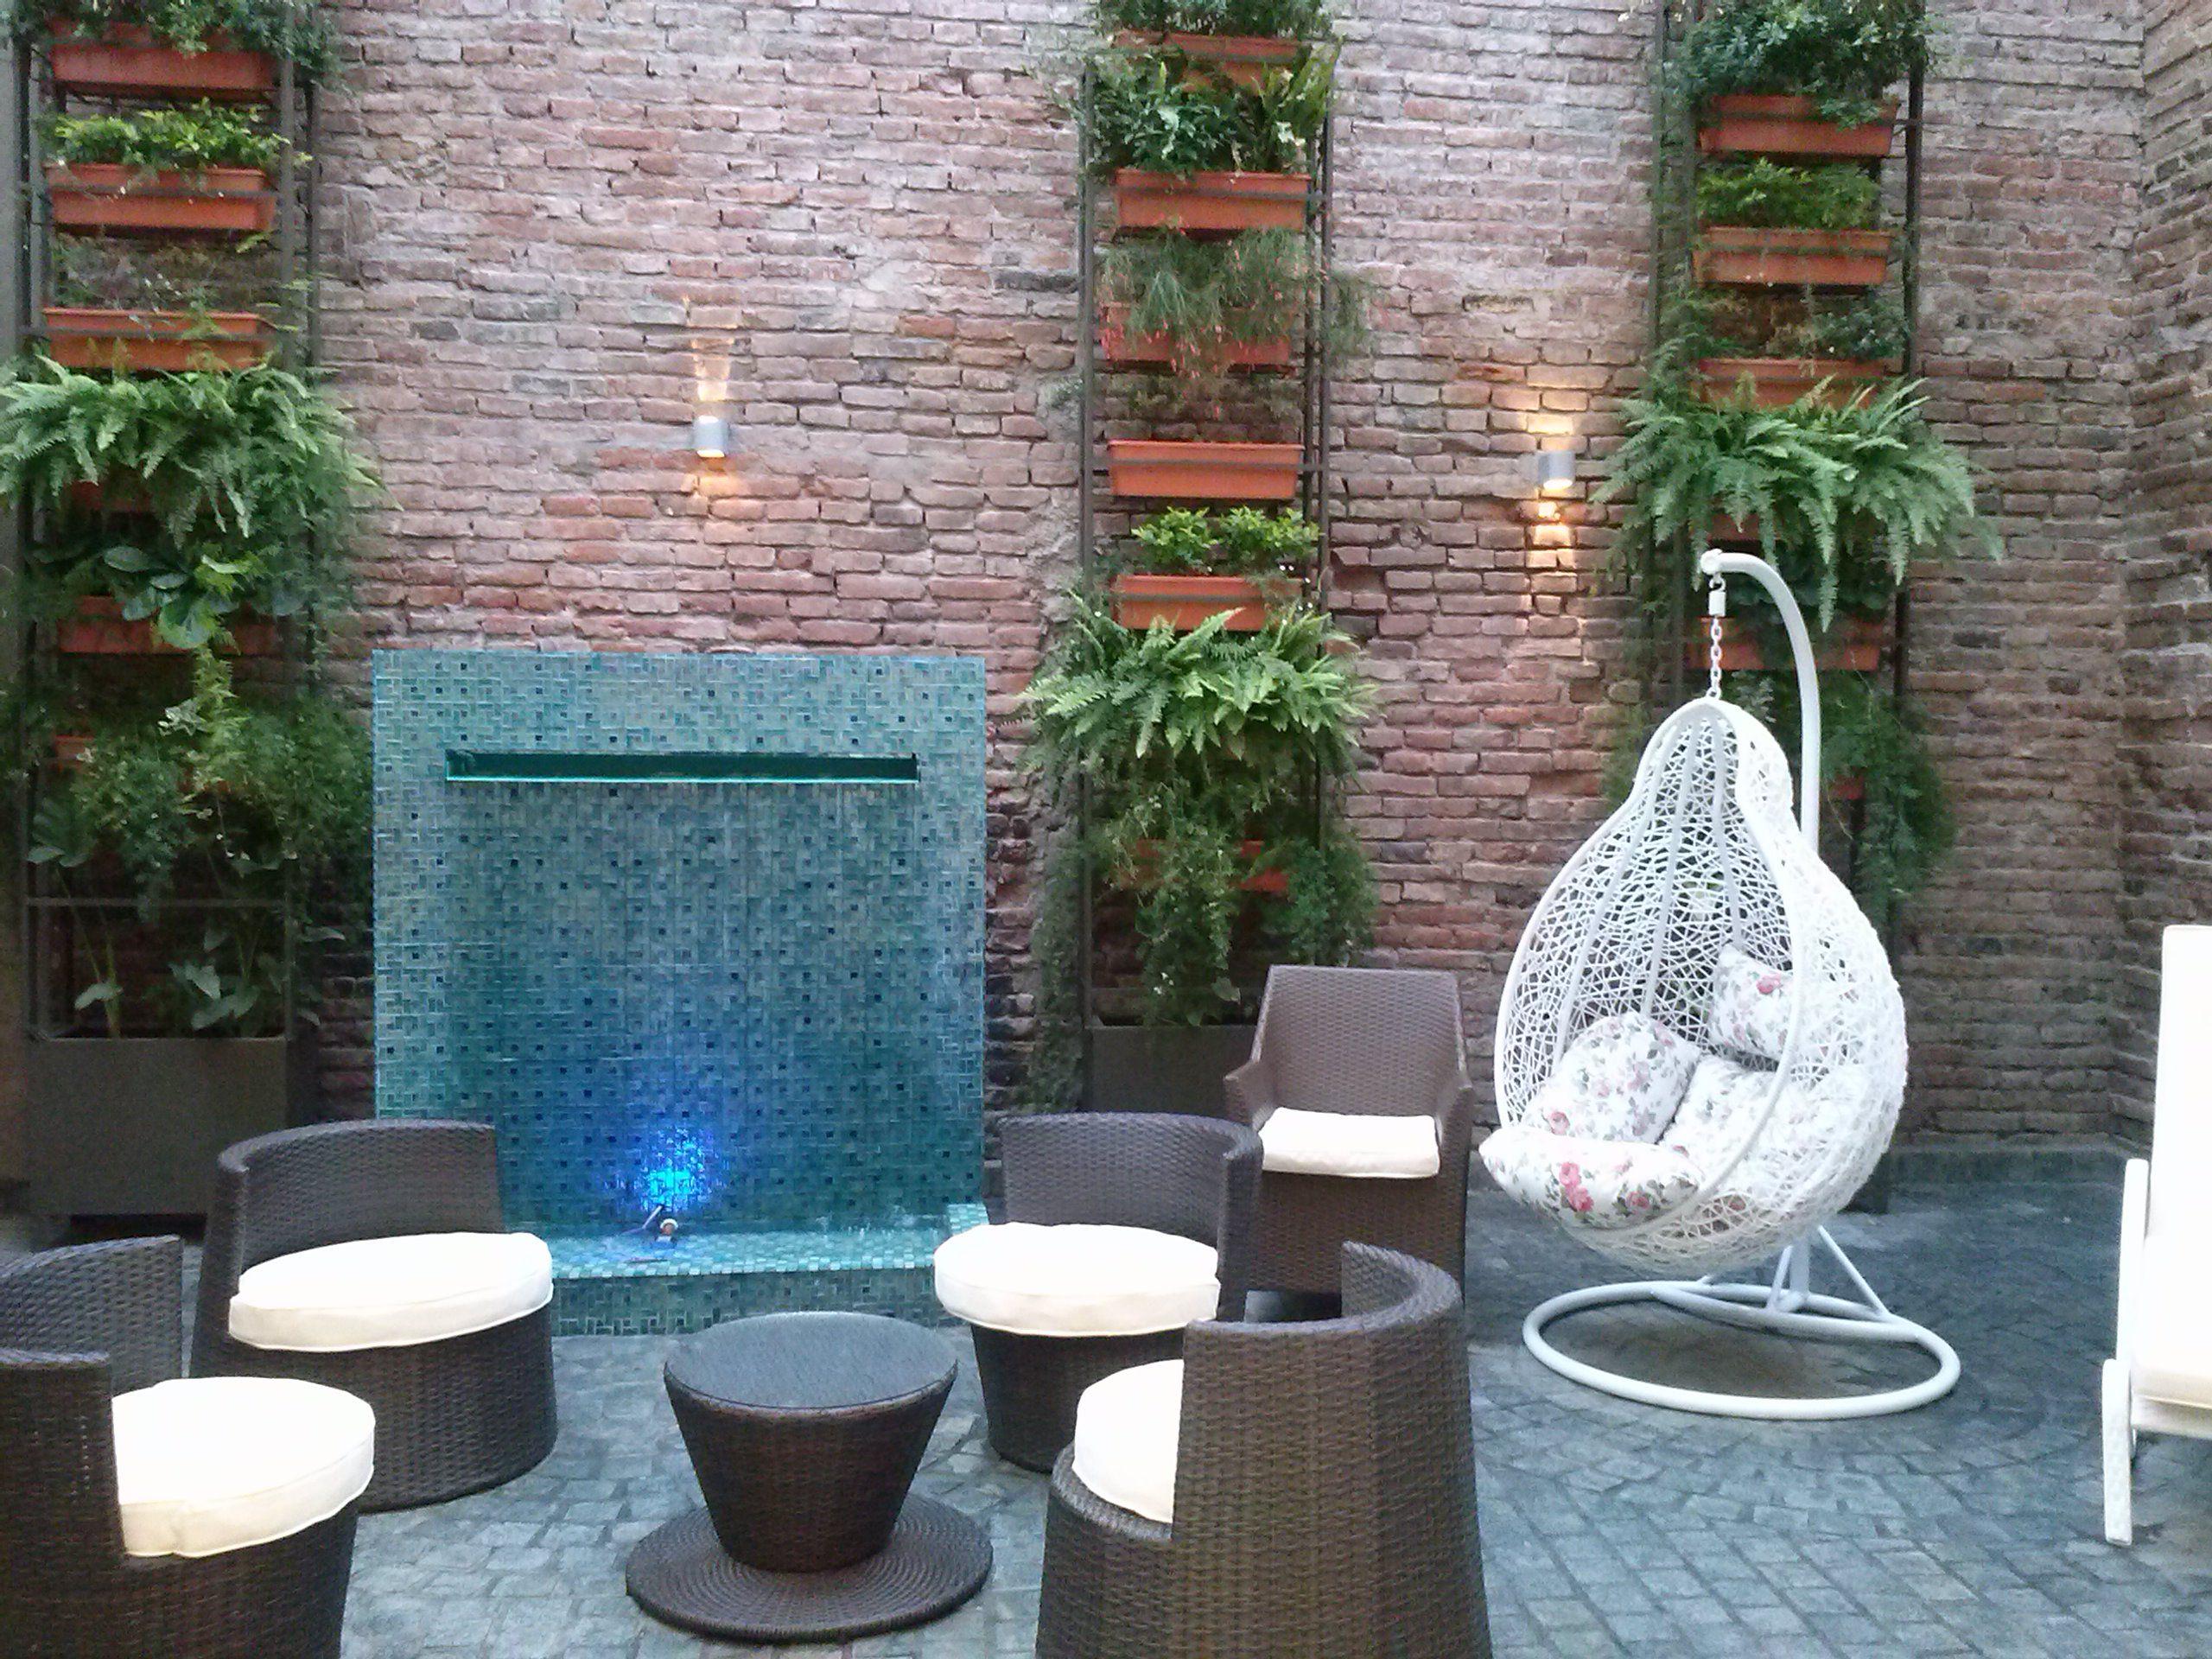 Patio conserva paredes originales piso en adoquin de laja jardin vertical debido al espacio - Jardines con adoquin ...